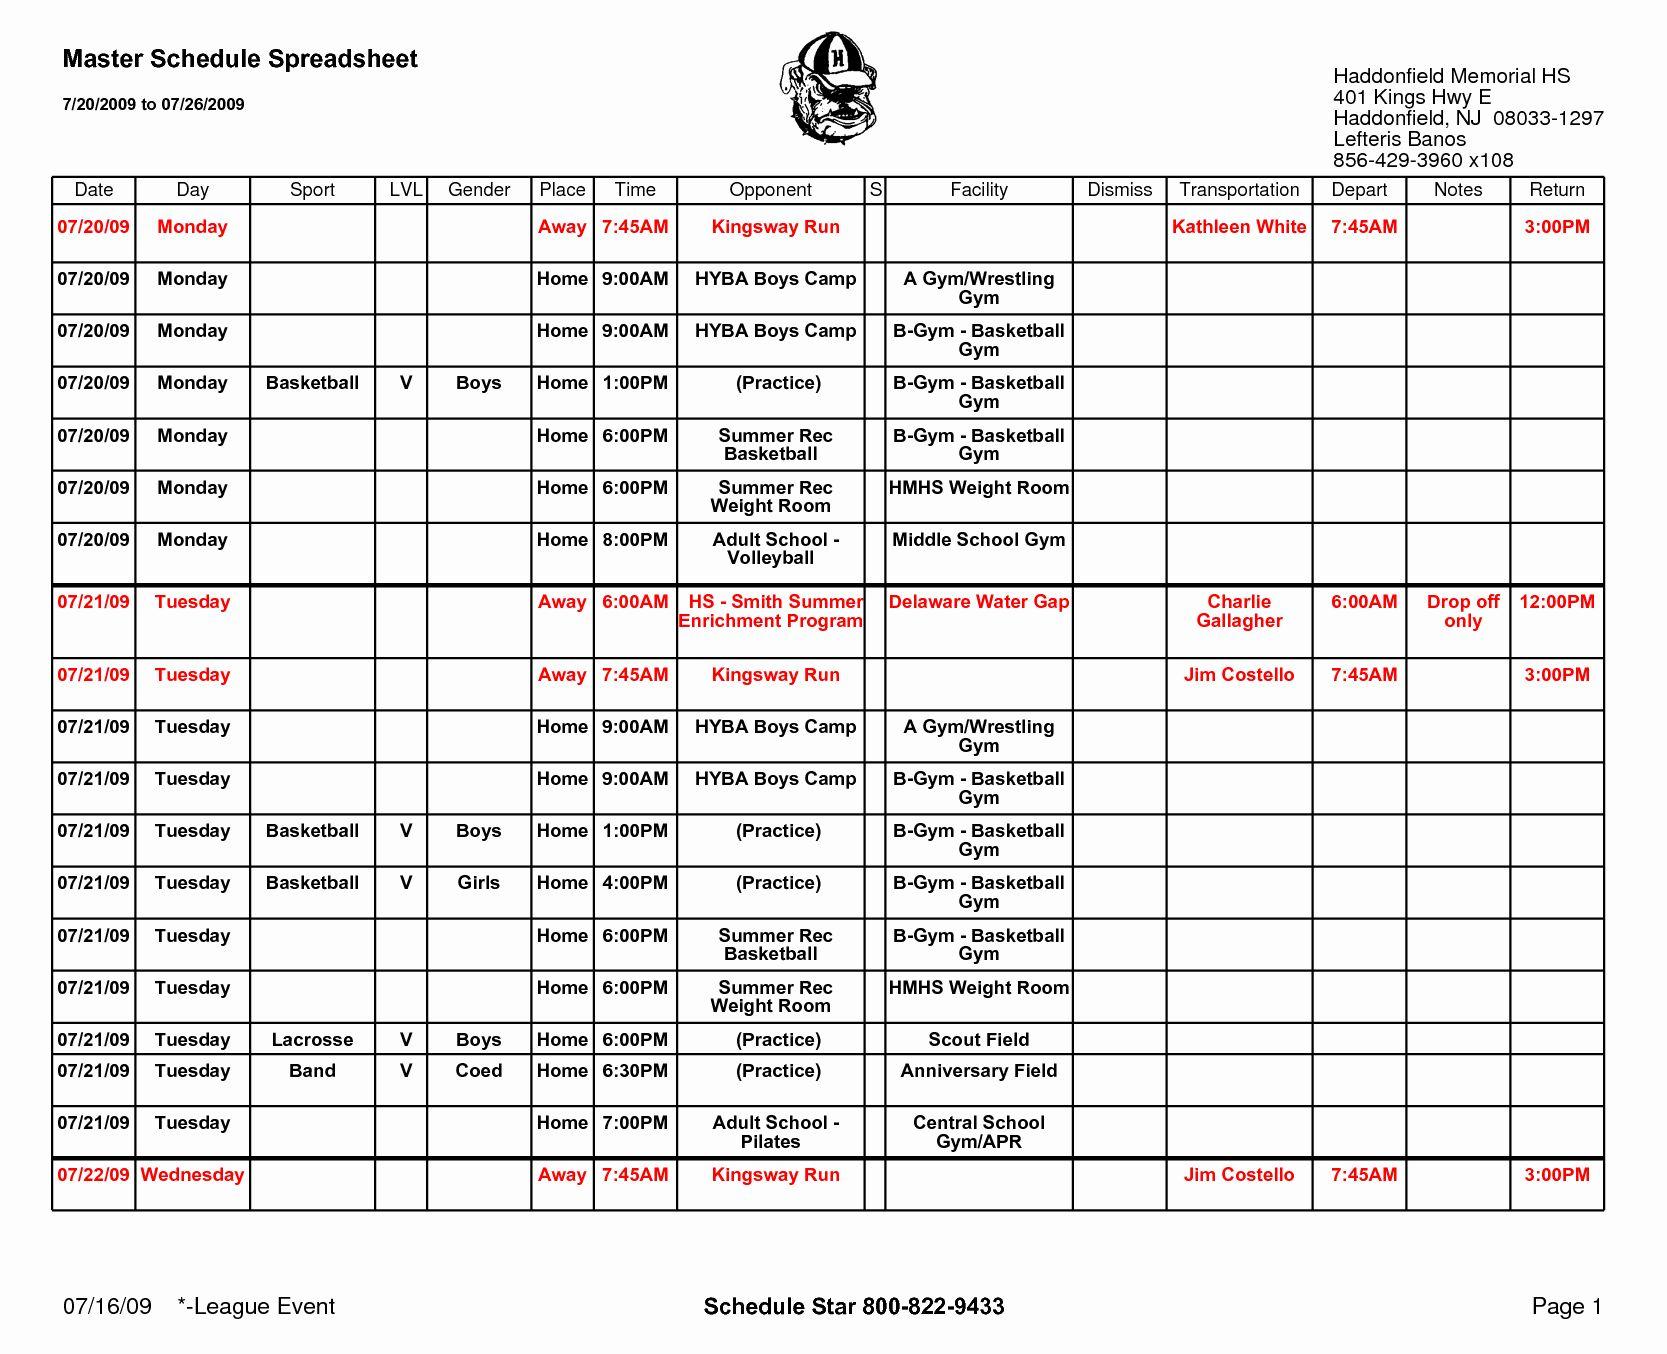 Football Practice Schedule Template Elegant 29 Of Basketball Game Practice Template Basketball Practice Plans Soccer Practice Plans Schedule Template [ 1354 x 1667 Pixel ]